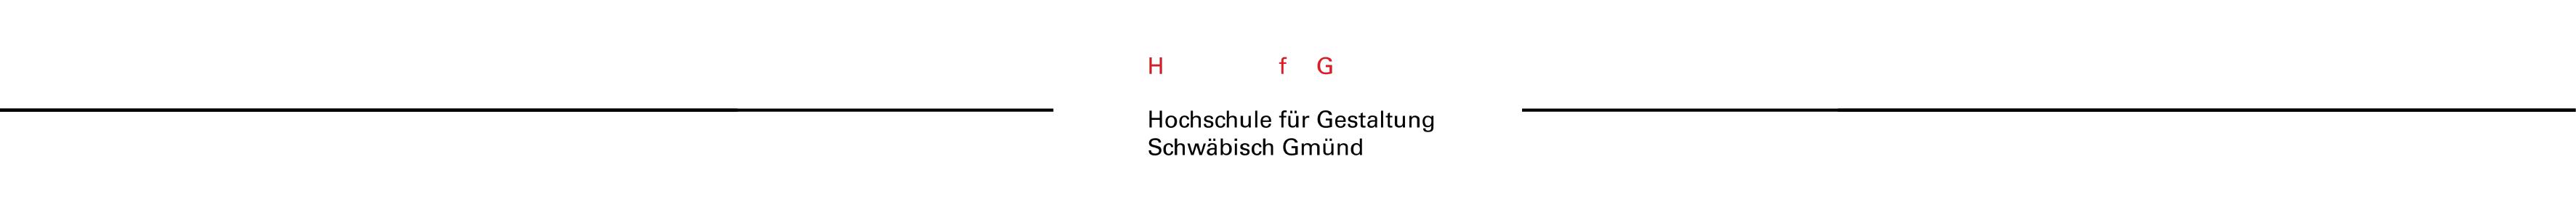 cooperation-hfg_Zeichenfläche-1-2